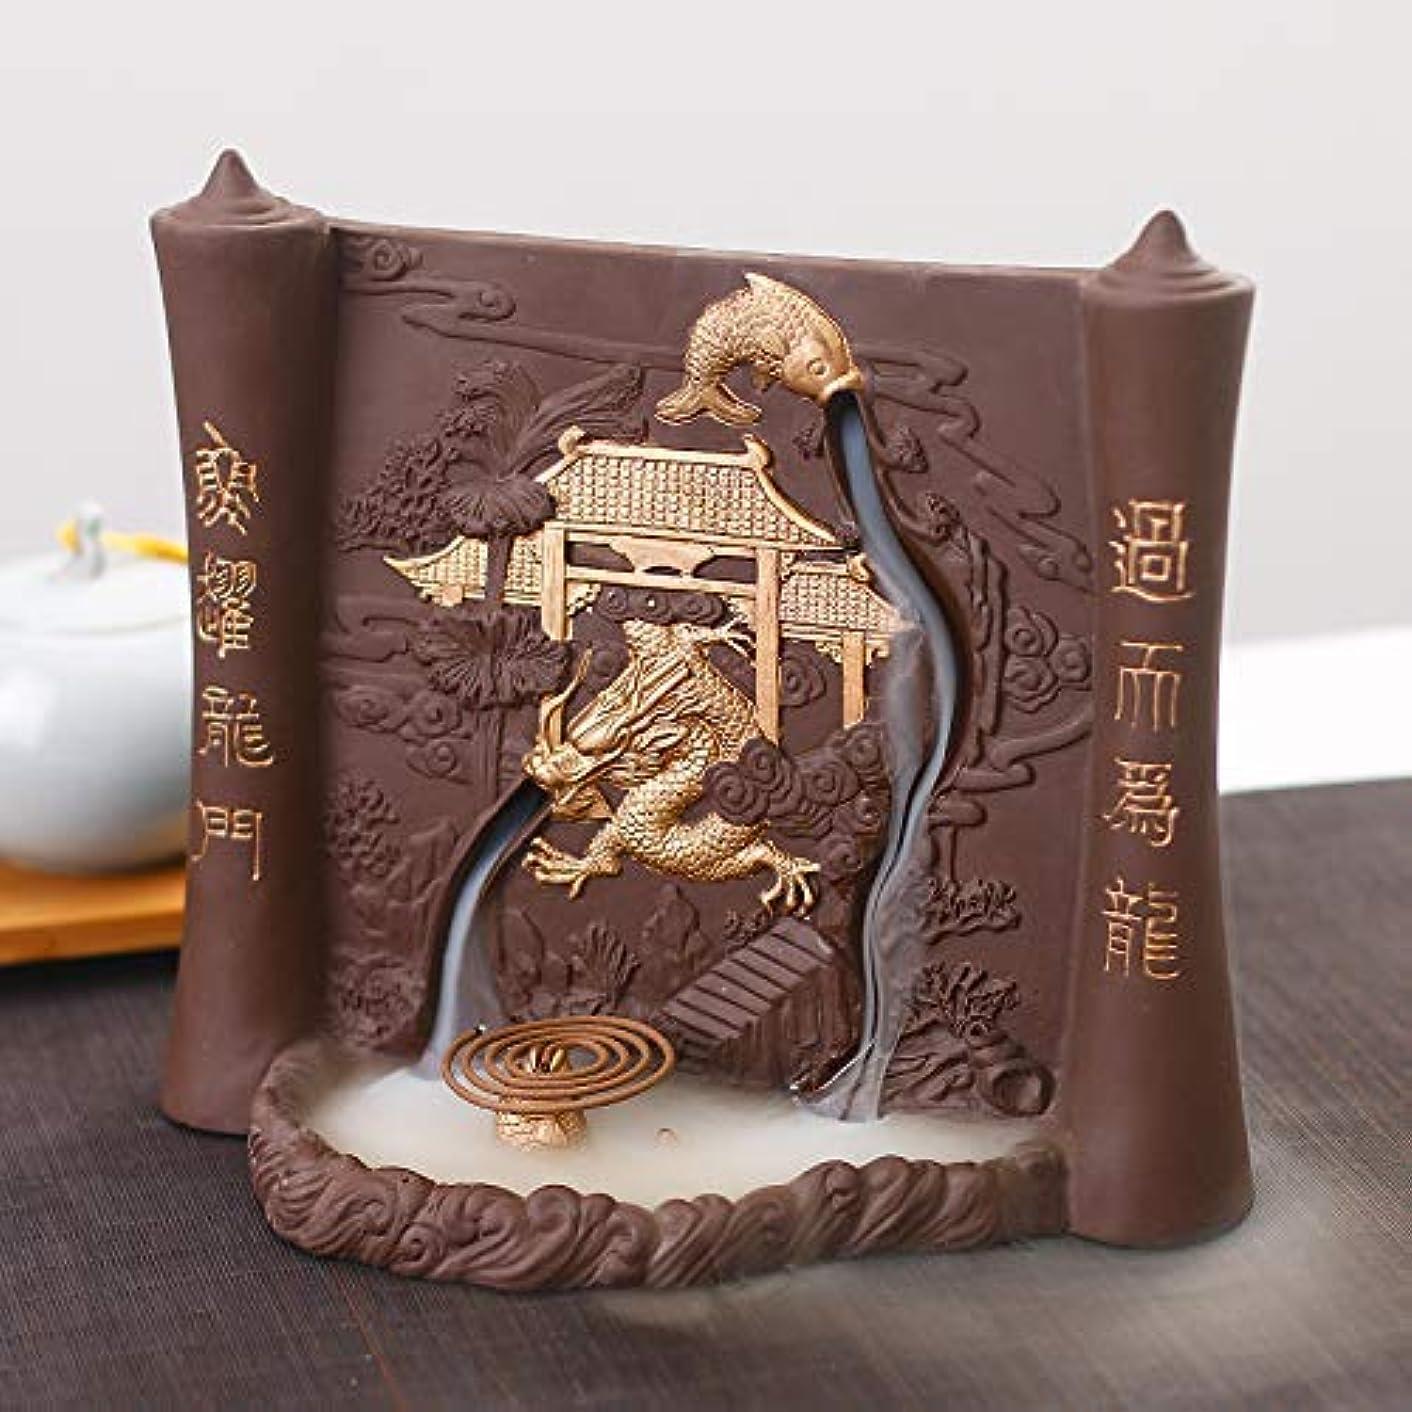 肝なんでも所有者PHILOGOD 香炉 陶器漢字彫刻レリーフ手作り逆流香炉 線香立て デュアルユース お香 ホルダー